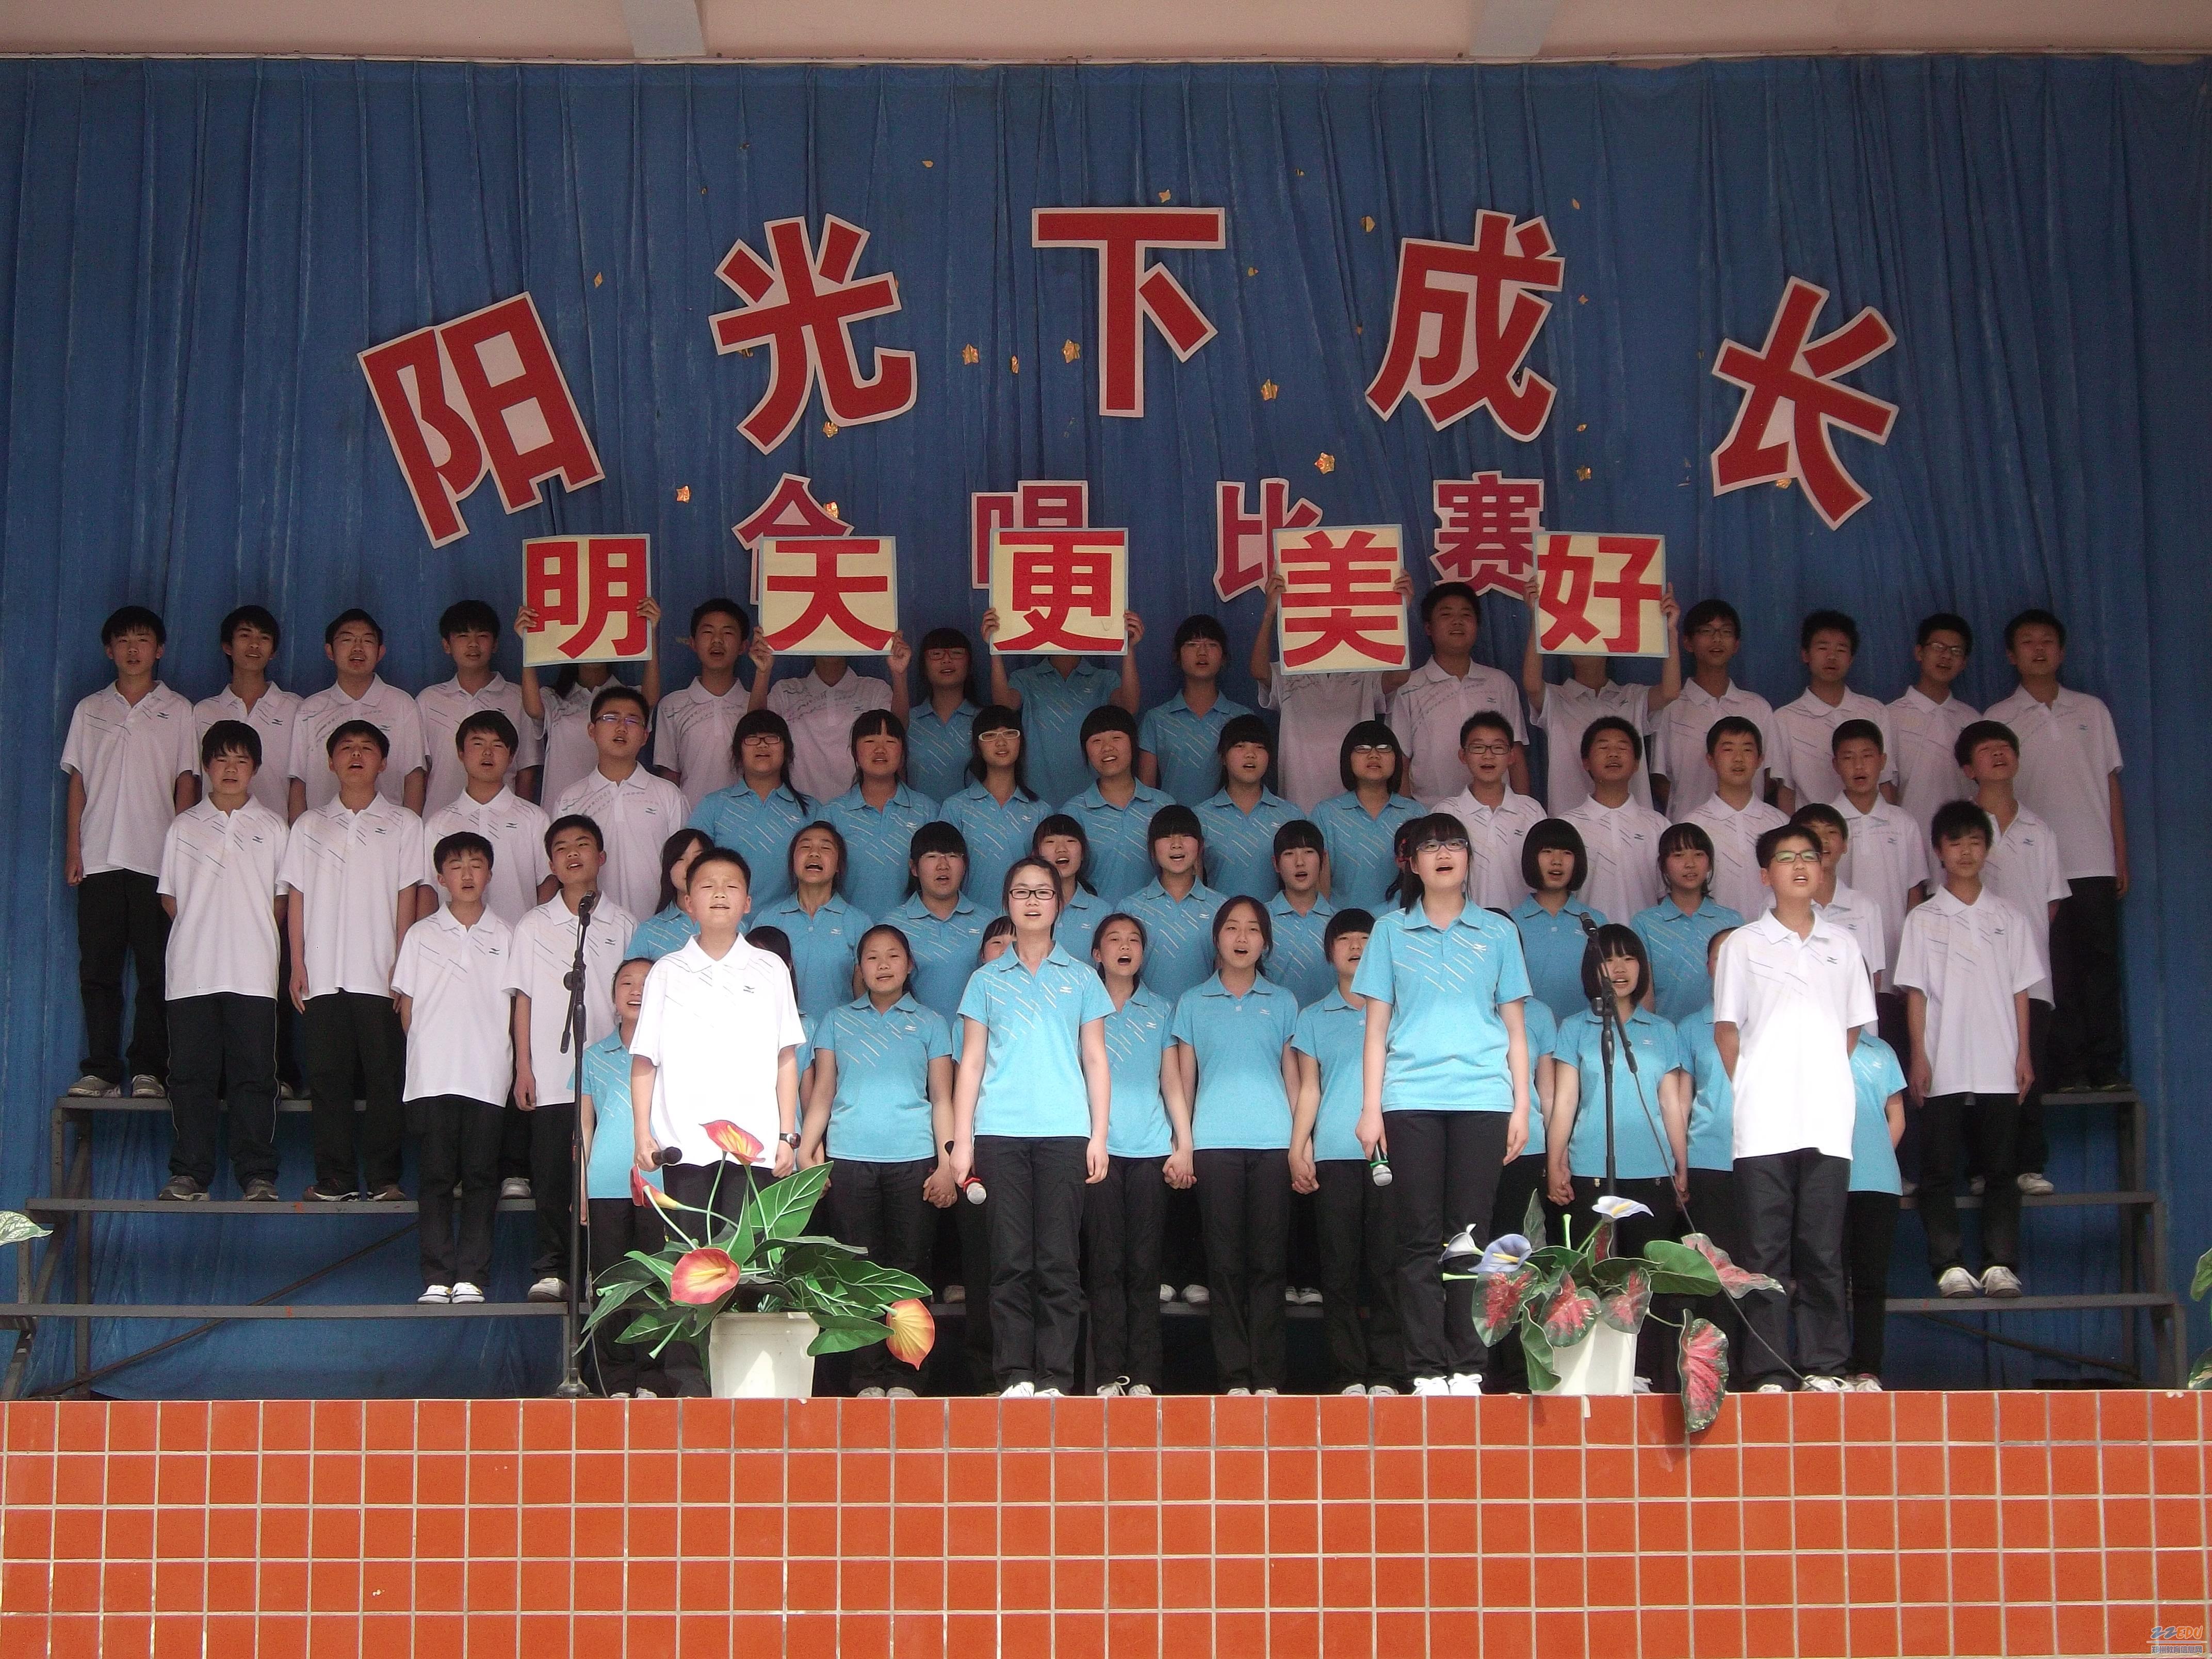 """郑州61中""""在阳光下成长""""庆五一,迎五四校园合唱比赛拉开帷幕图片"""